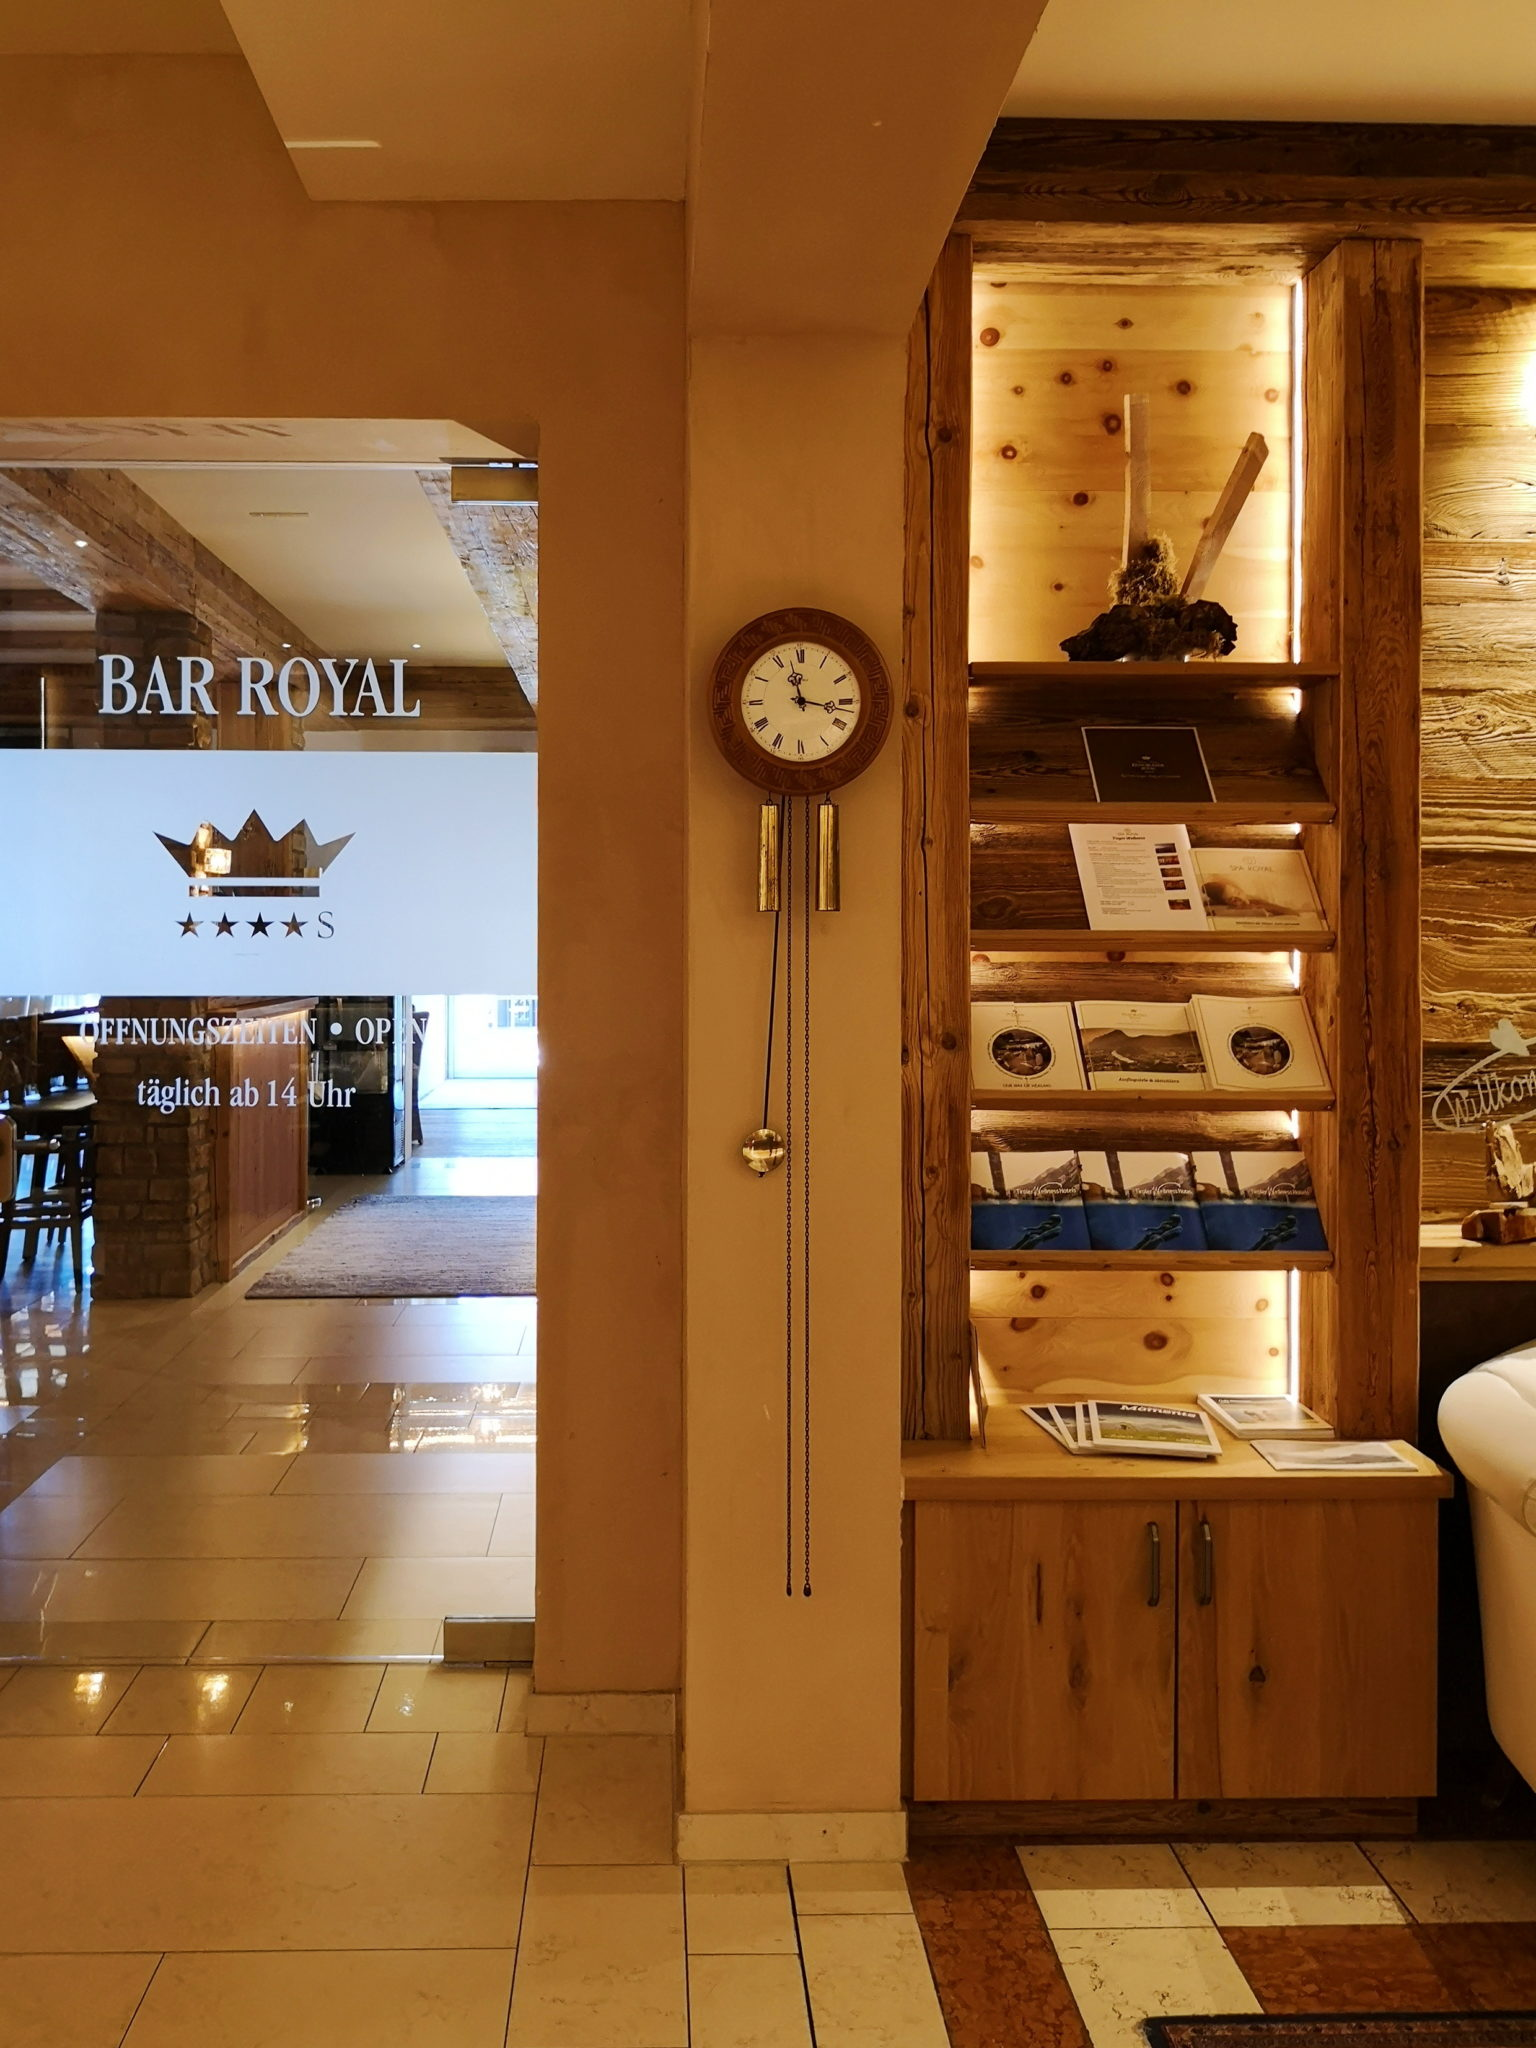 lobby hotelowe z widokiem na wejście do baru, zegar z wahadłem i drewniany, podświetlony regał